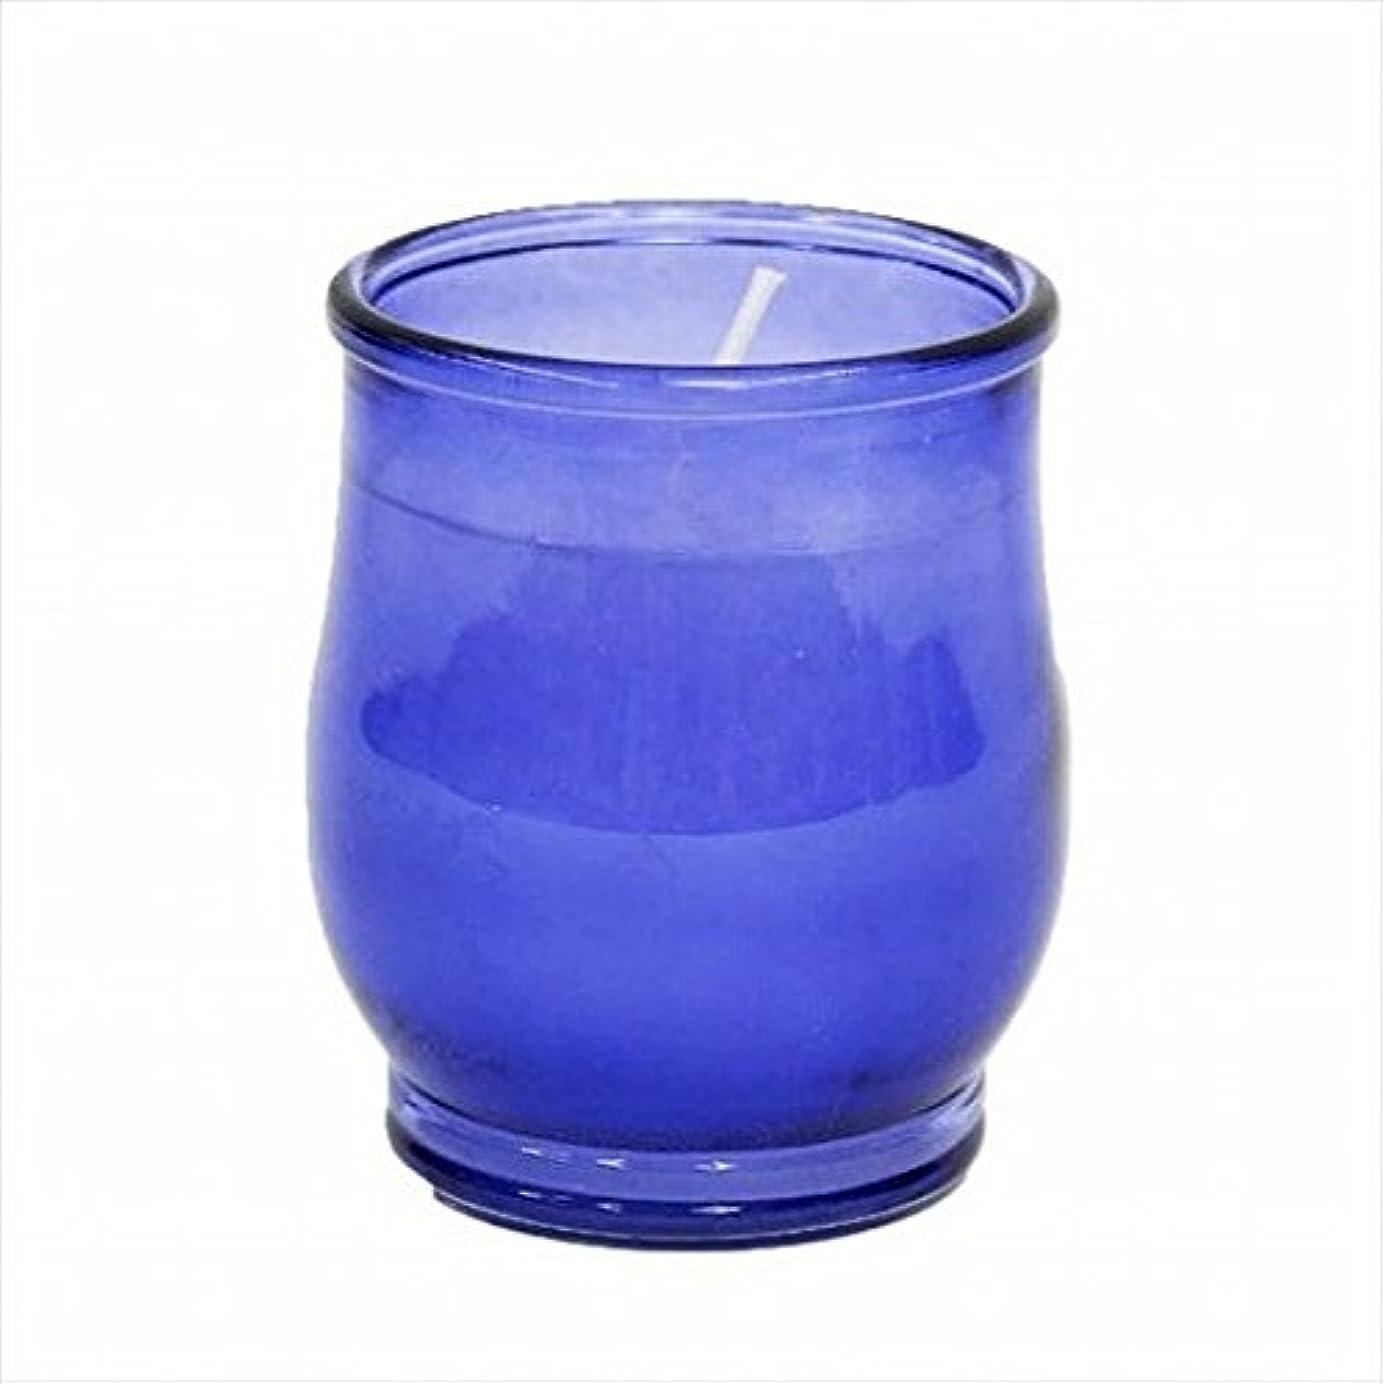 限界着飾る教えkameyama candle(カメヤマキャンドル) ポシェ(非常用コップローソク) 「 ブルー(ライトカラー) 」 キャンドル 68x68x80mm (73020030B)